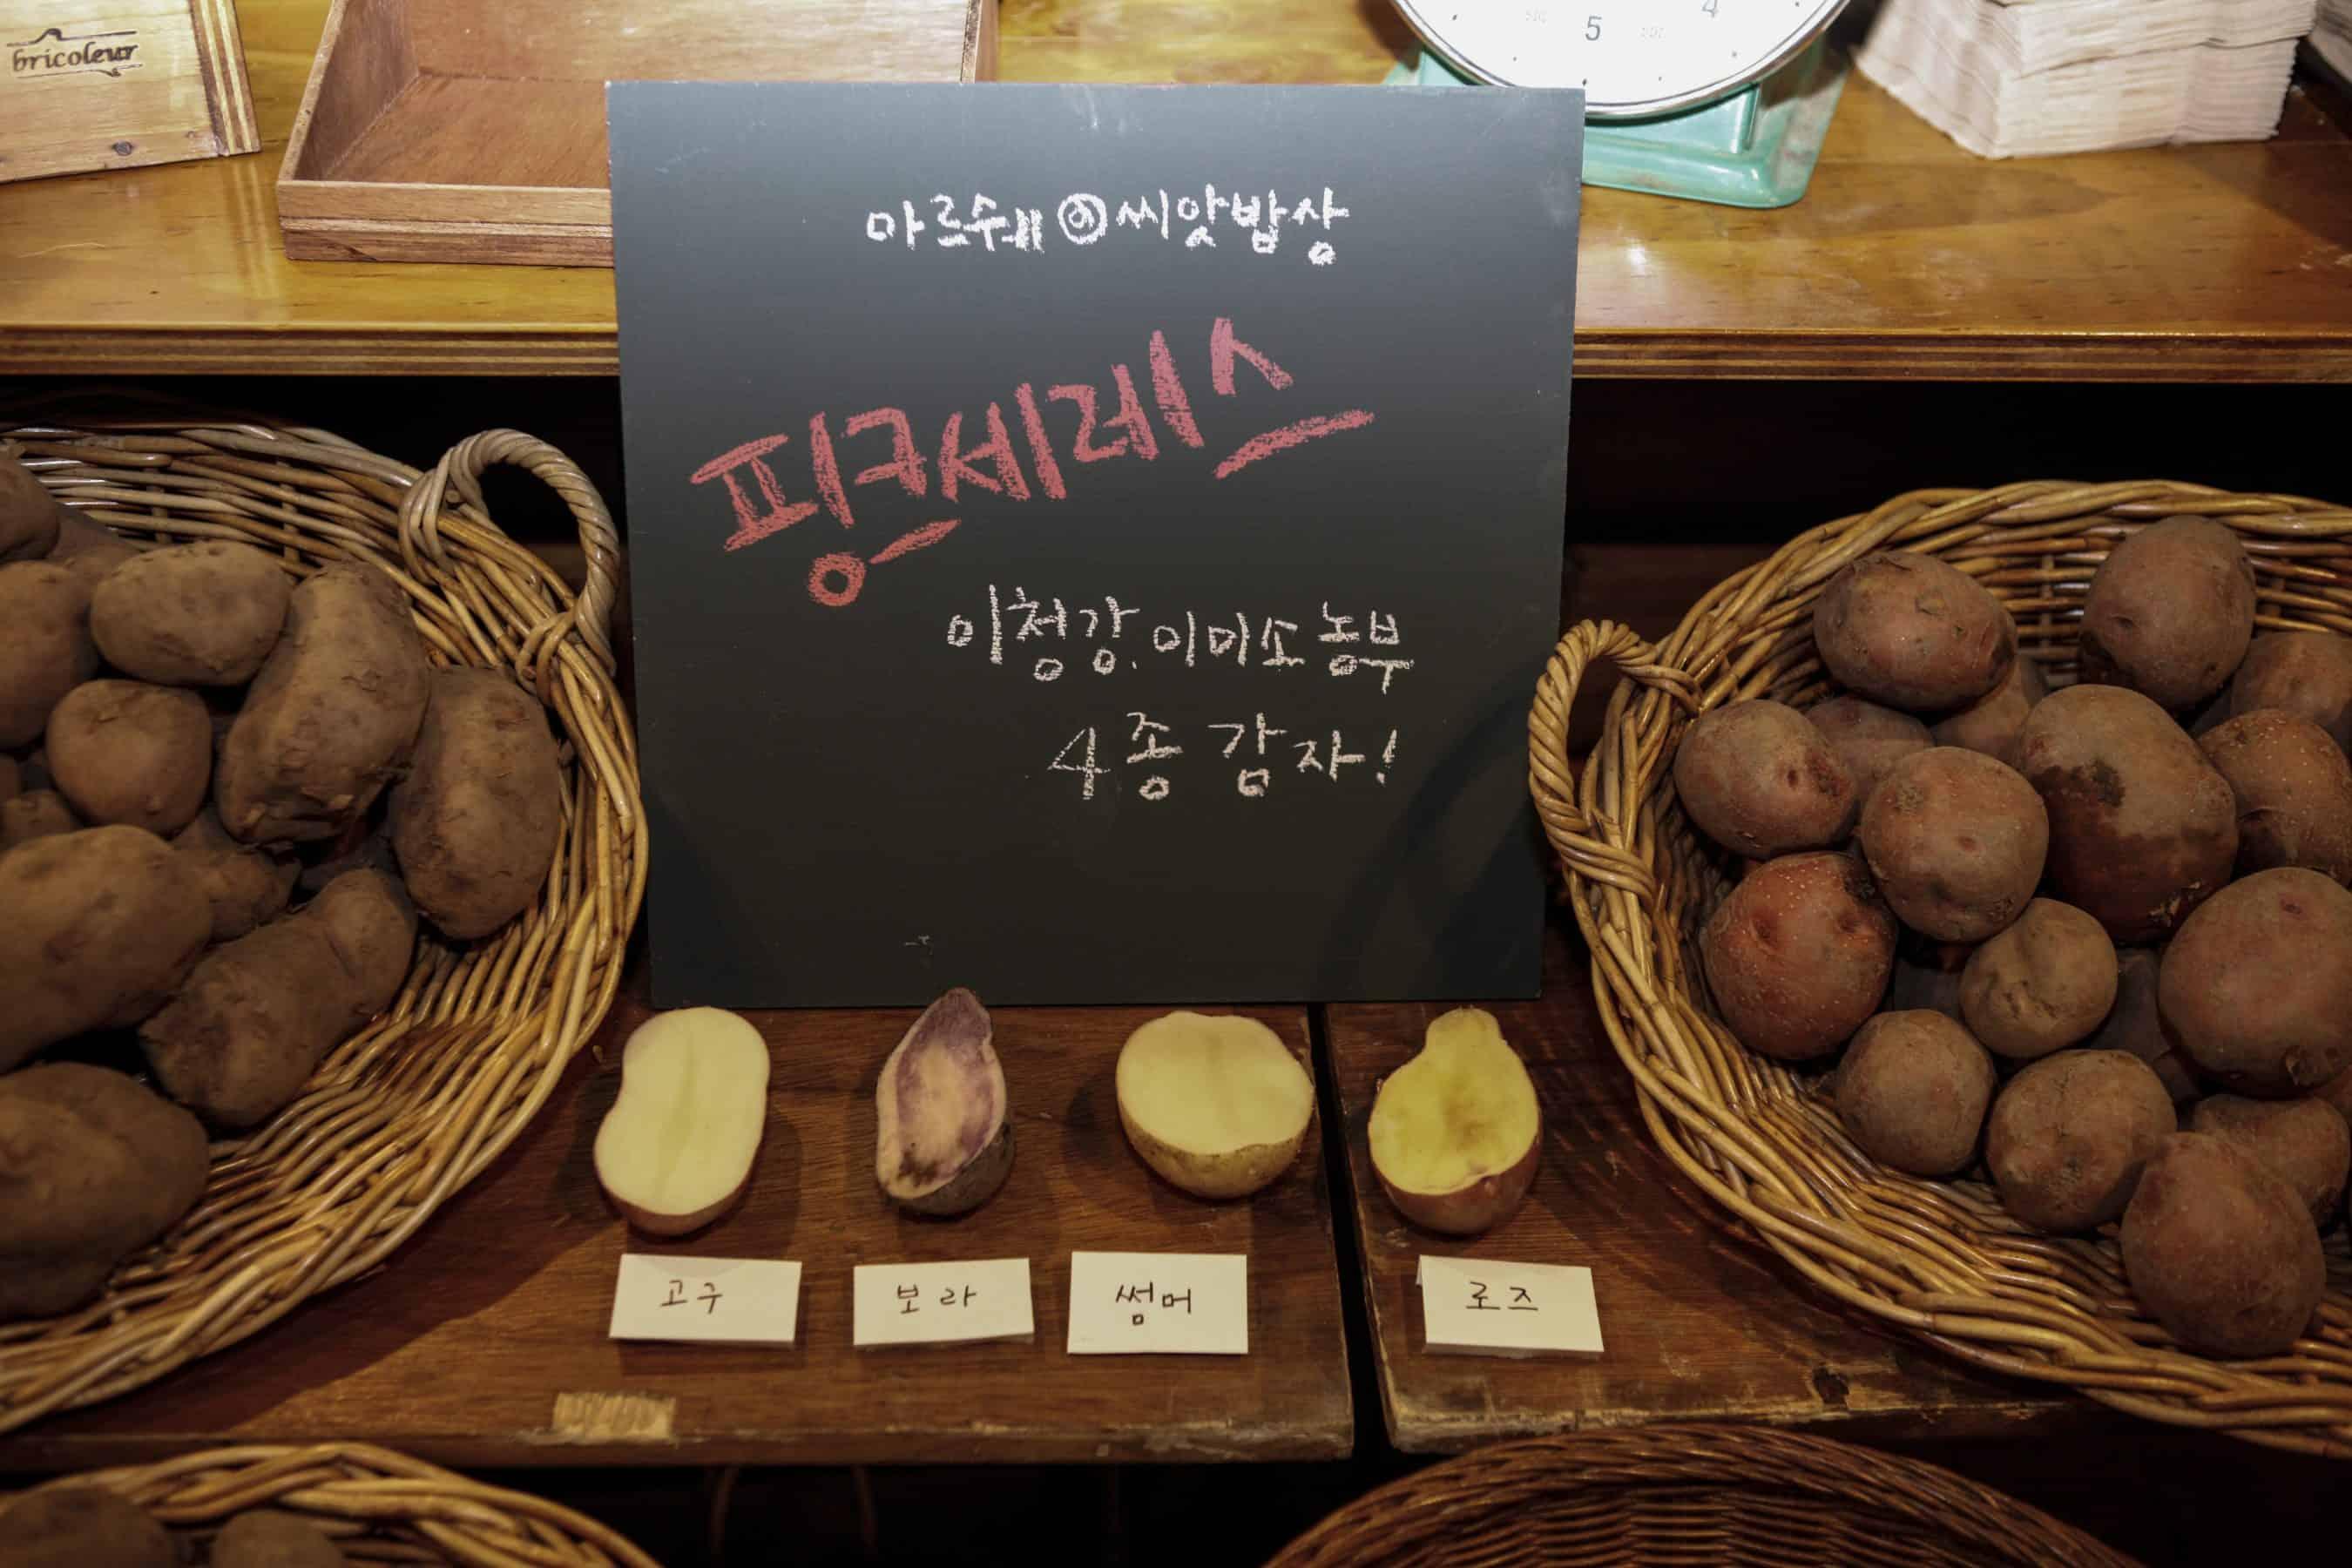 [리뷰]다양한 품종의 감자를 맛보는 씨앗밥상 '감자'